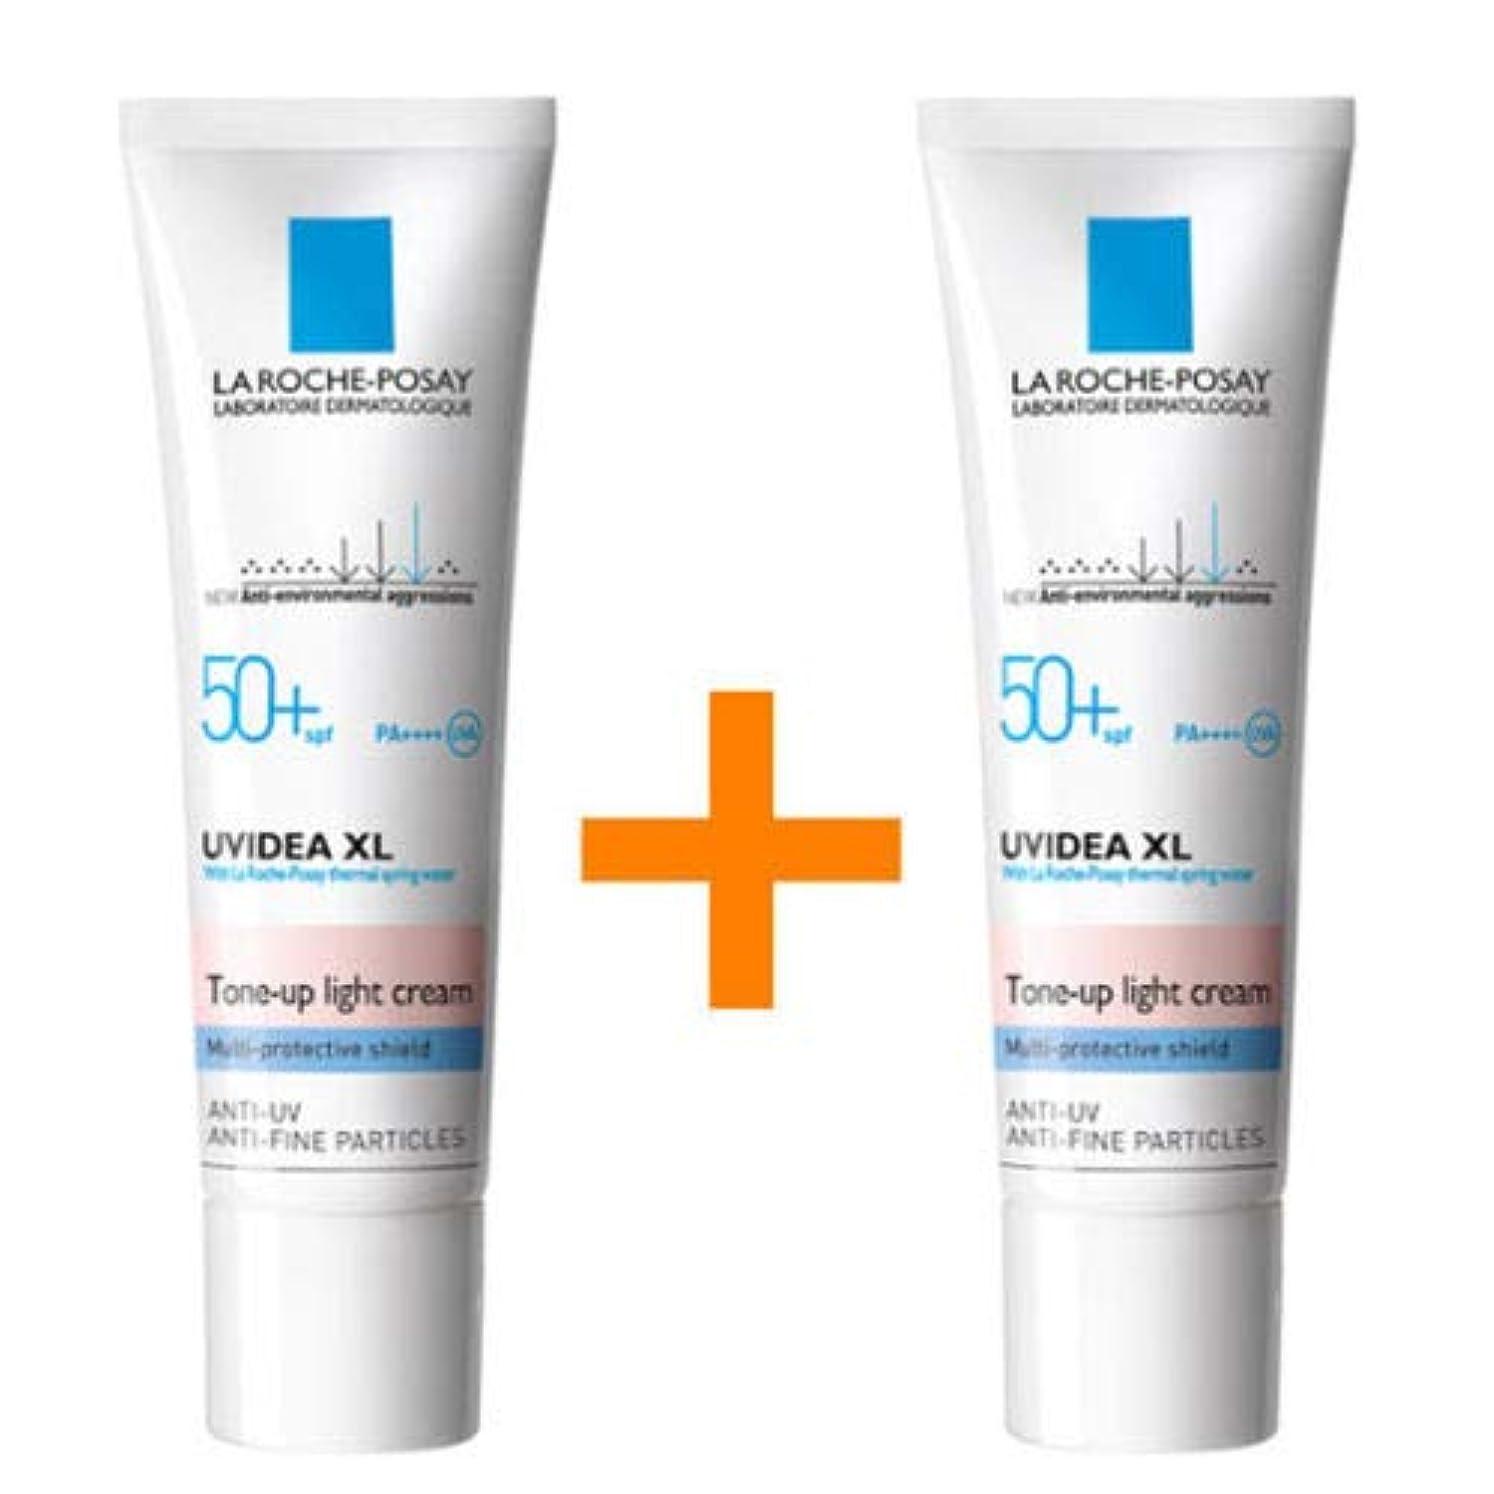 祝う敗北インキュバス[1+1] La Roche-Posay ラロッシュポゼ UVイデア XL プロテクショントーンアップ Uvidea XL Tone-up Light Cream (30ml)